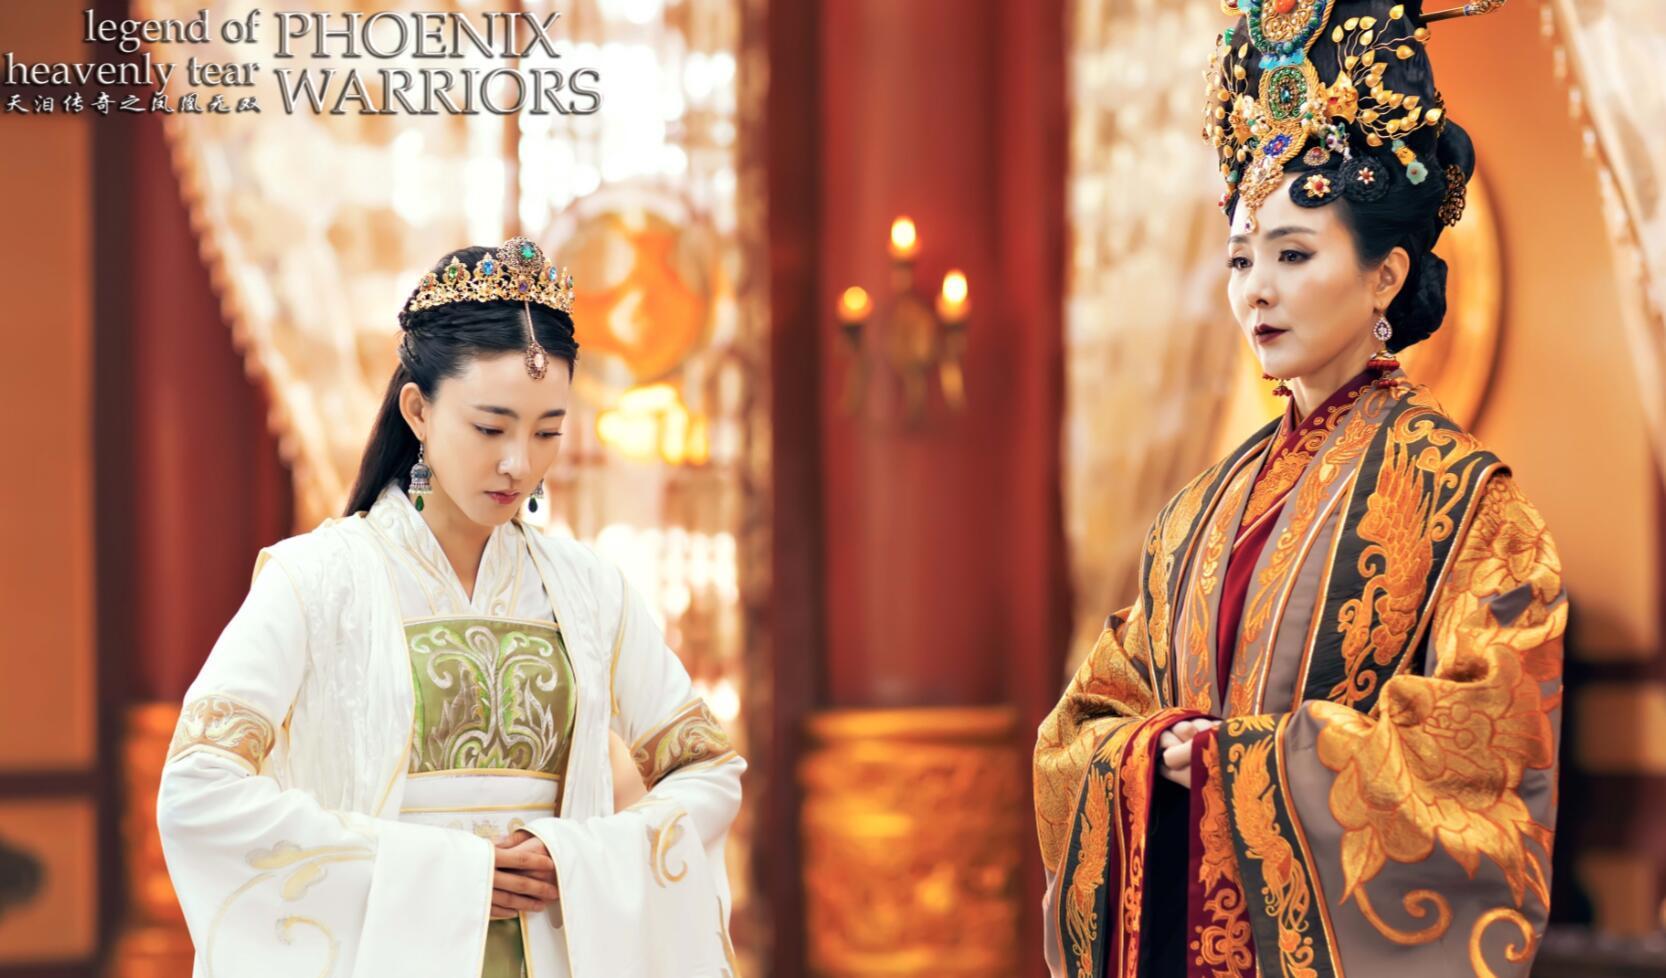 《凤凰无双》收官 王丽坤郑元畅结局虐心惠惠惠优站